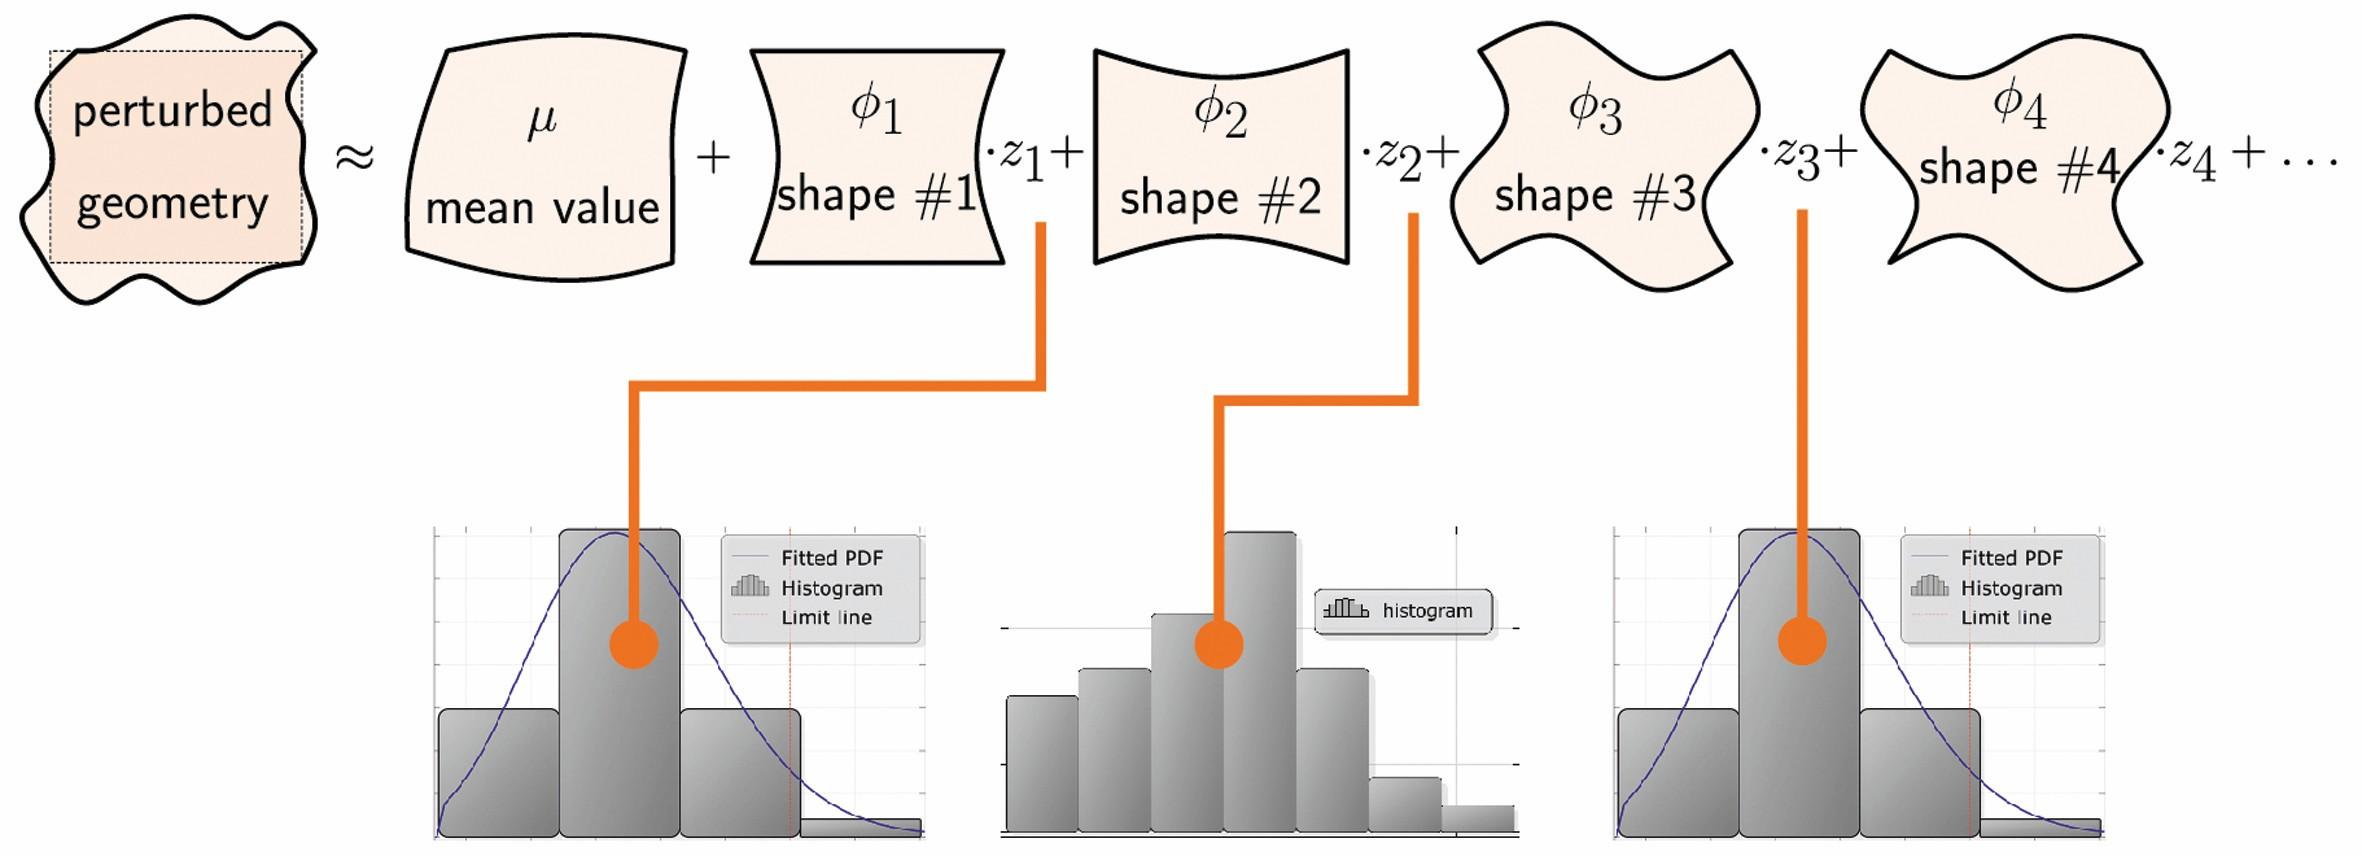 Bild 3 Statistisches Formmodell (Zufallsfeld) zur Modellierung der geometrischen Streuung in SoS. Bild: Siemens